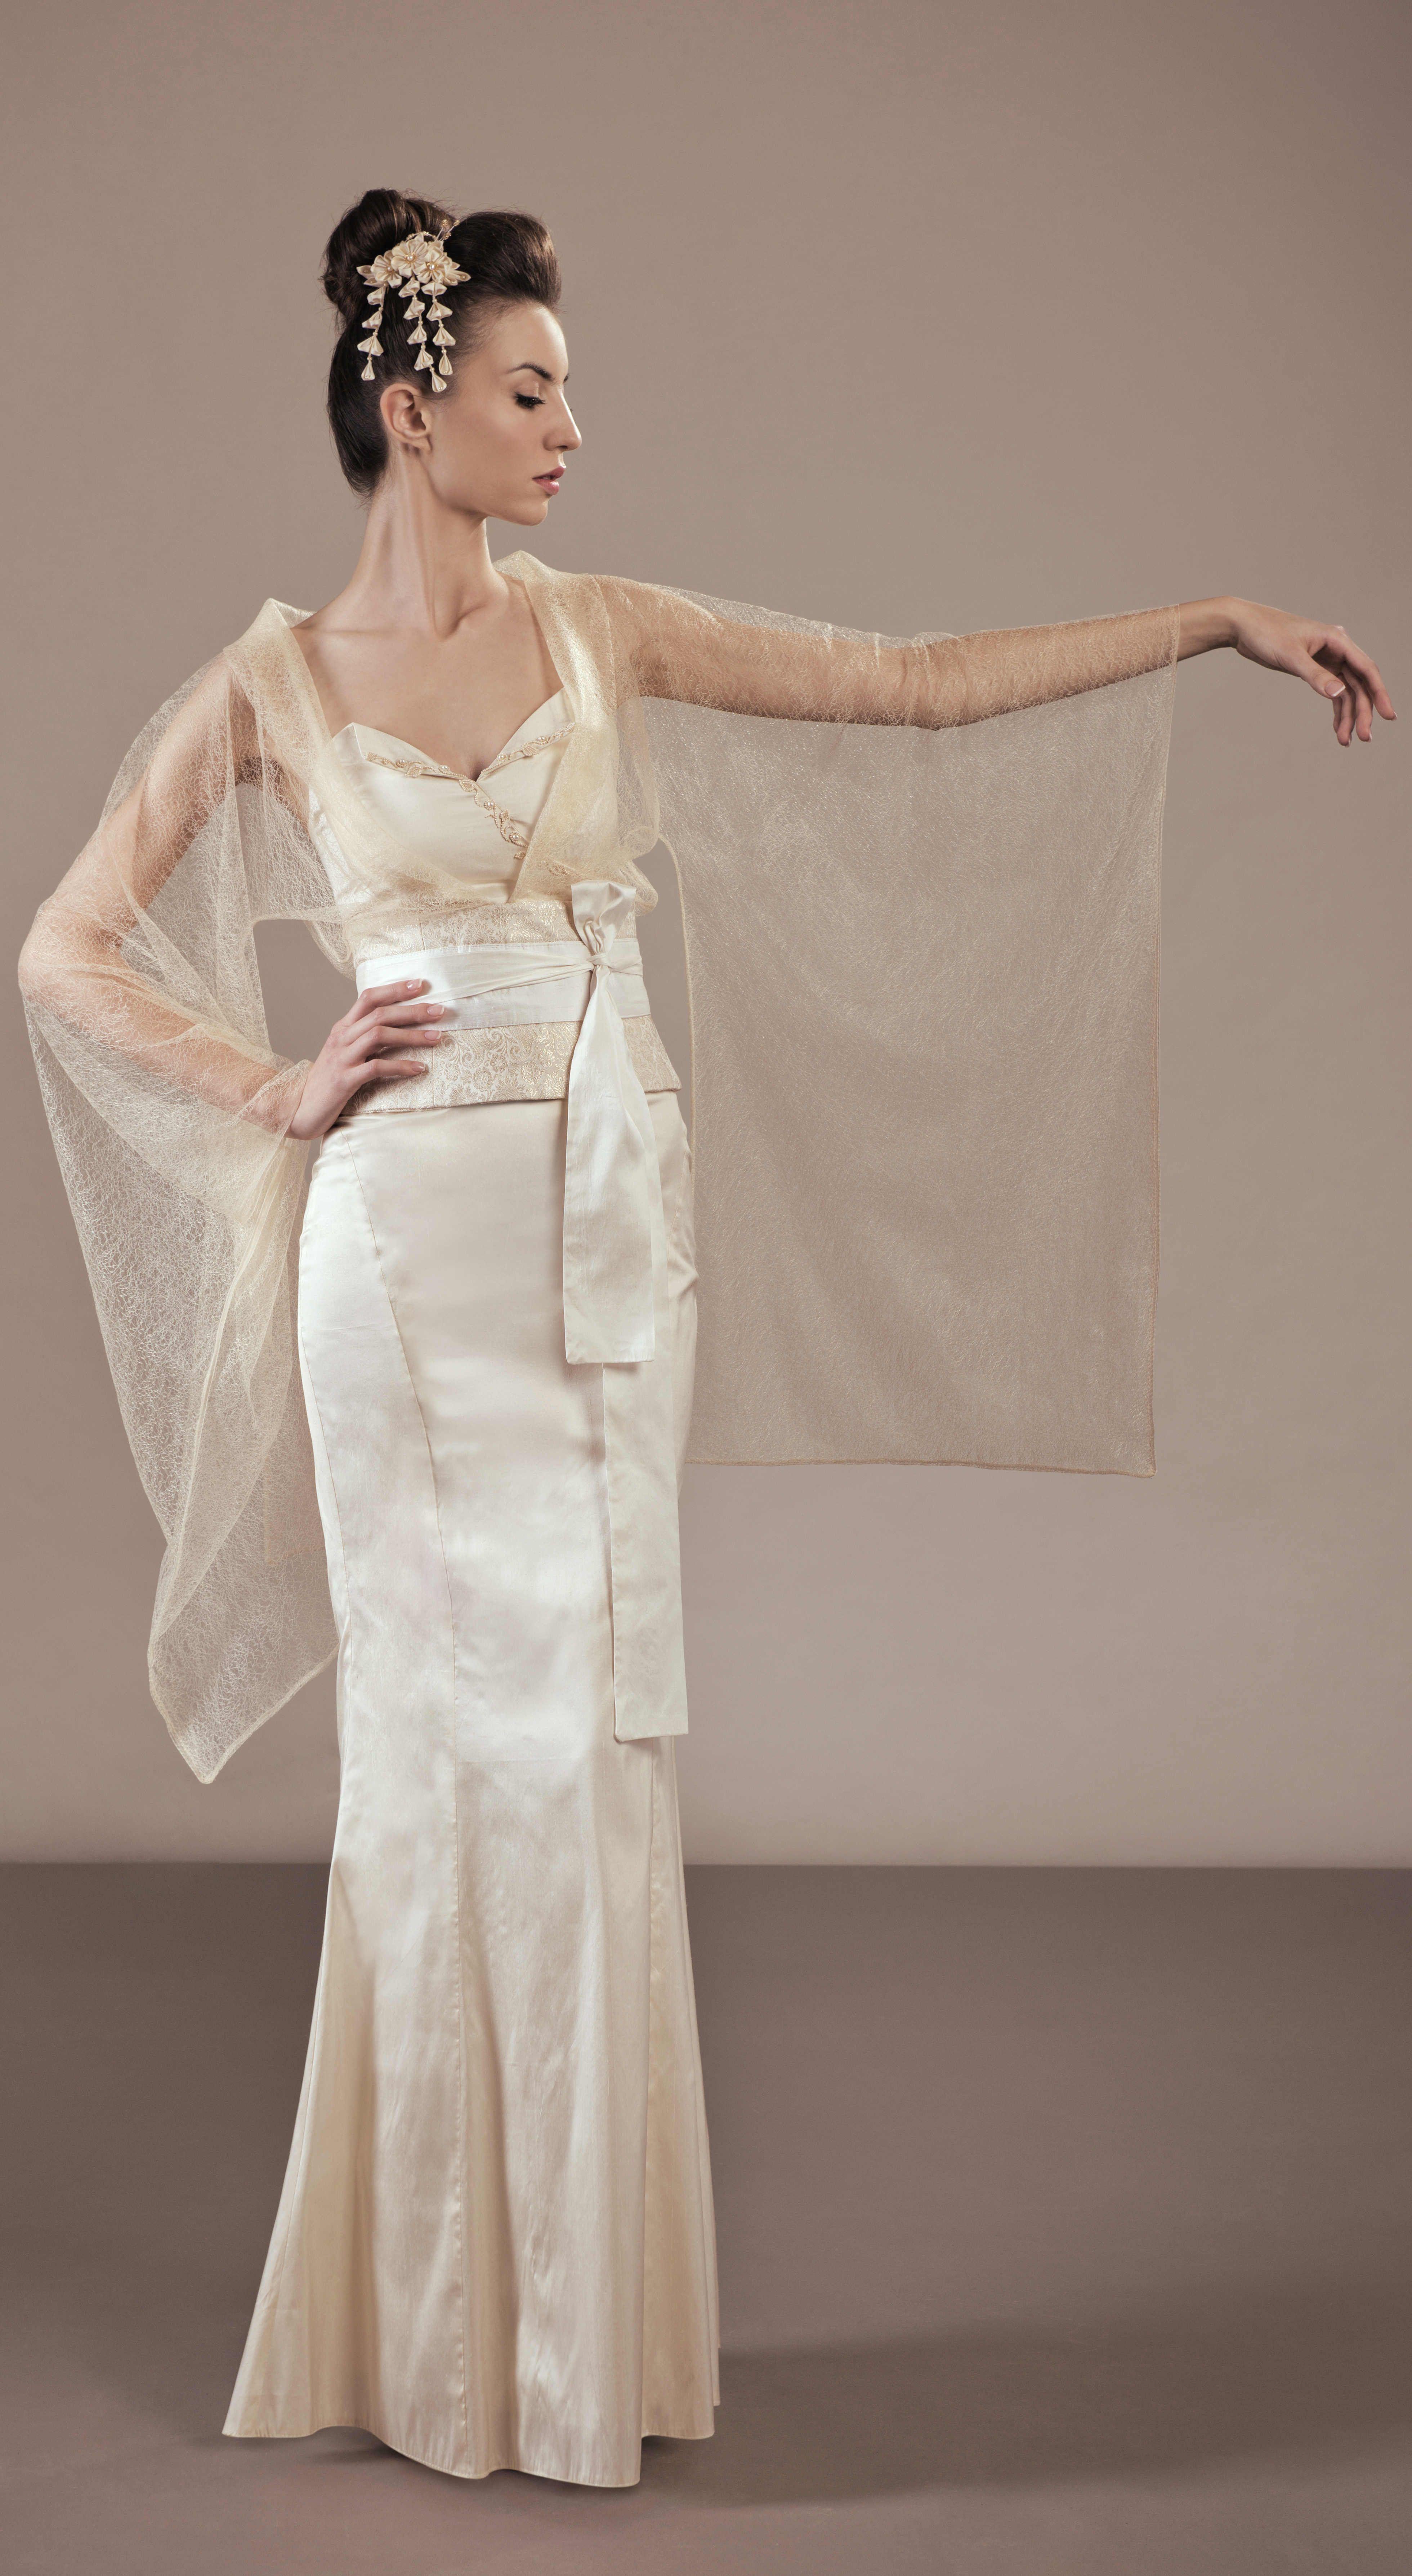 Amaterasu complete bridal outfit unique wedding dress ensemble ...